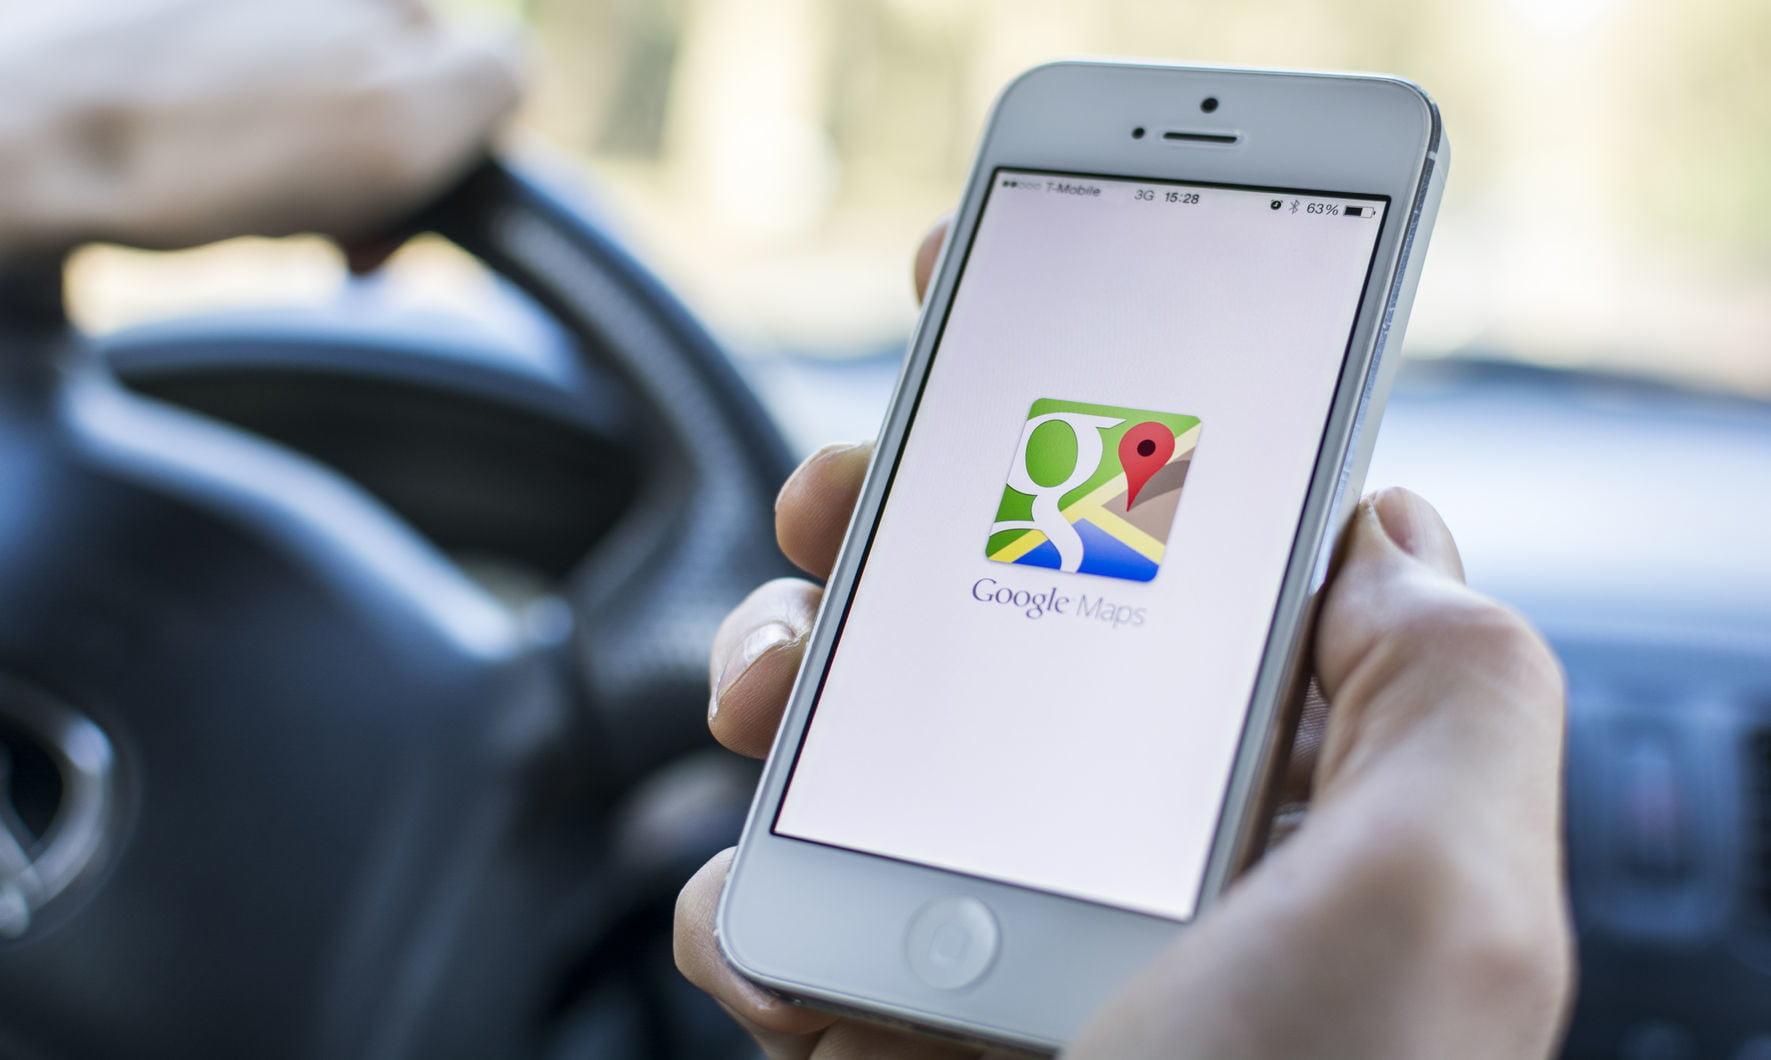 أفضل تطبيقات خرائط للأندرويد GPS للتنقل بدقة وأمان